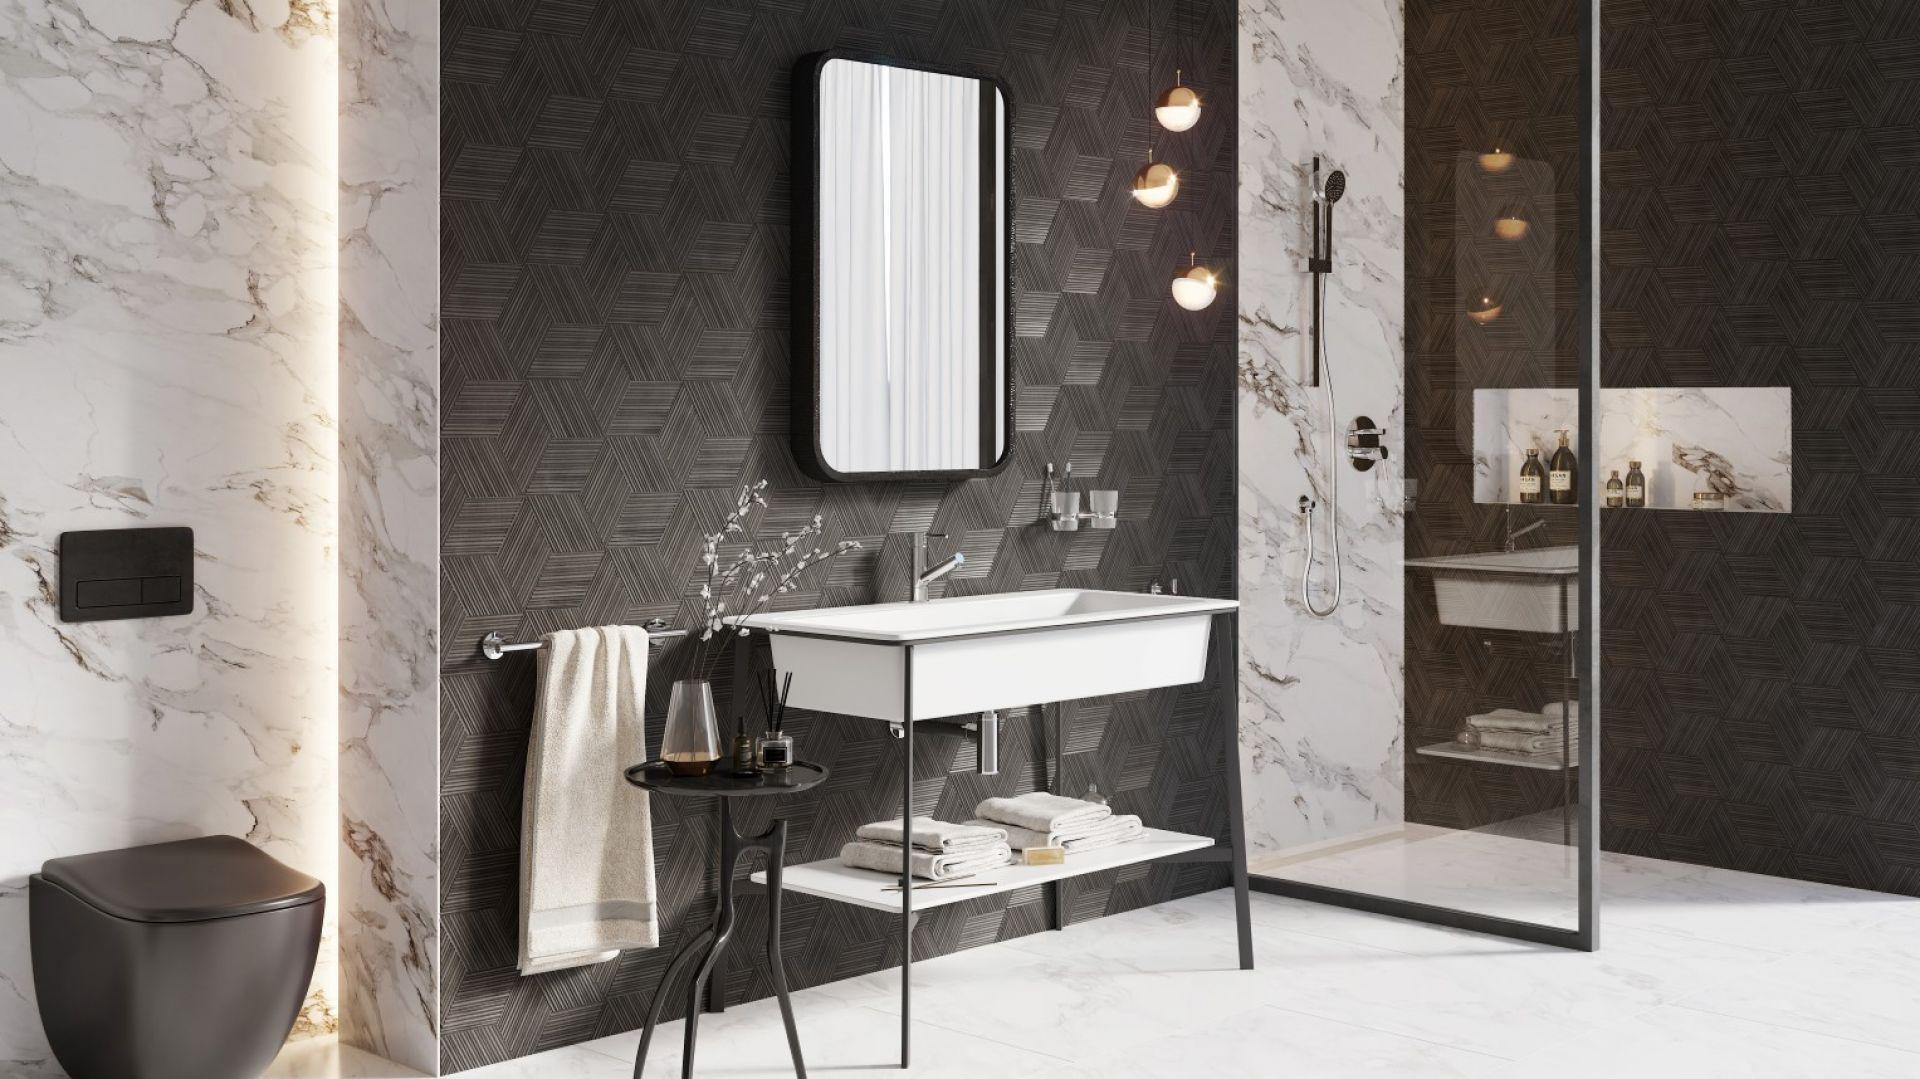 Strefa umywalki urządzona w duchu industrialnego minimalizmu. Na zdj. bateria umywalkowa stojąca Fiesta. Fot. Ferro